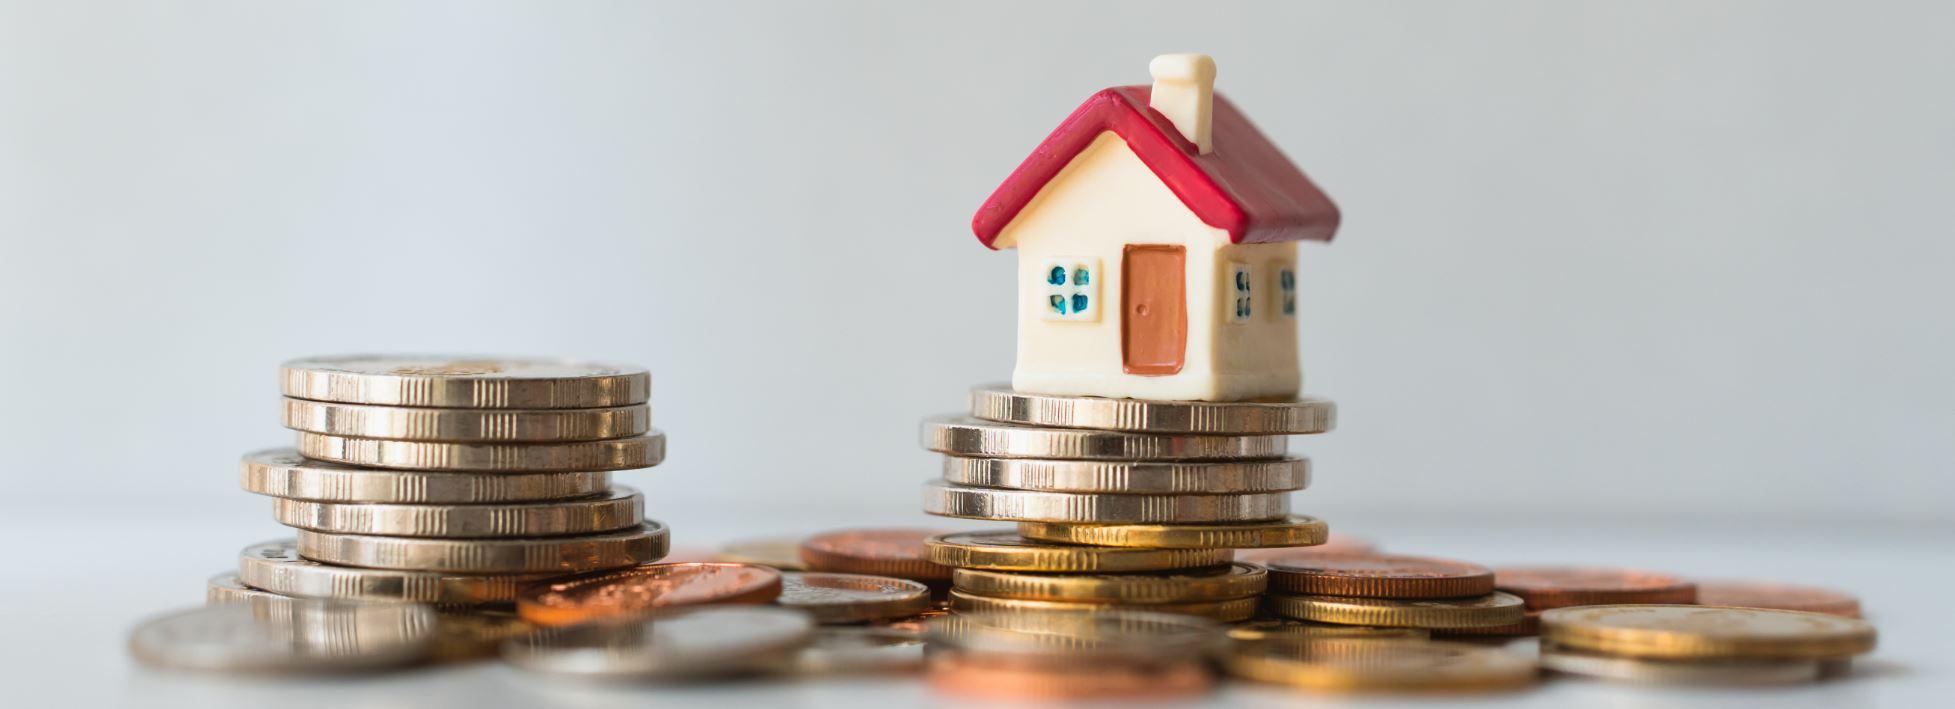 El presupuesto destinado para la entrada de una vivienda se incrementa un 17% en cinco años en España